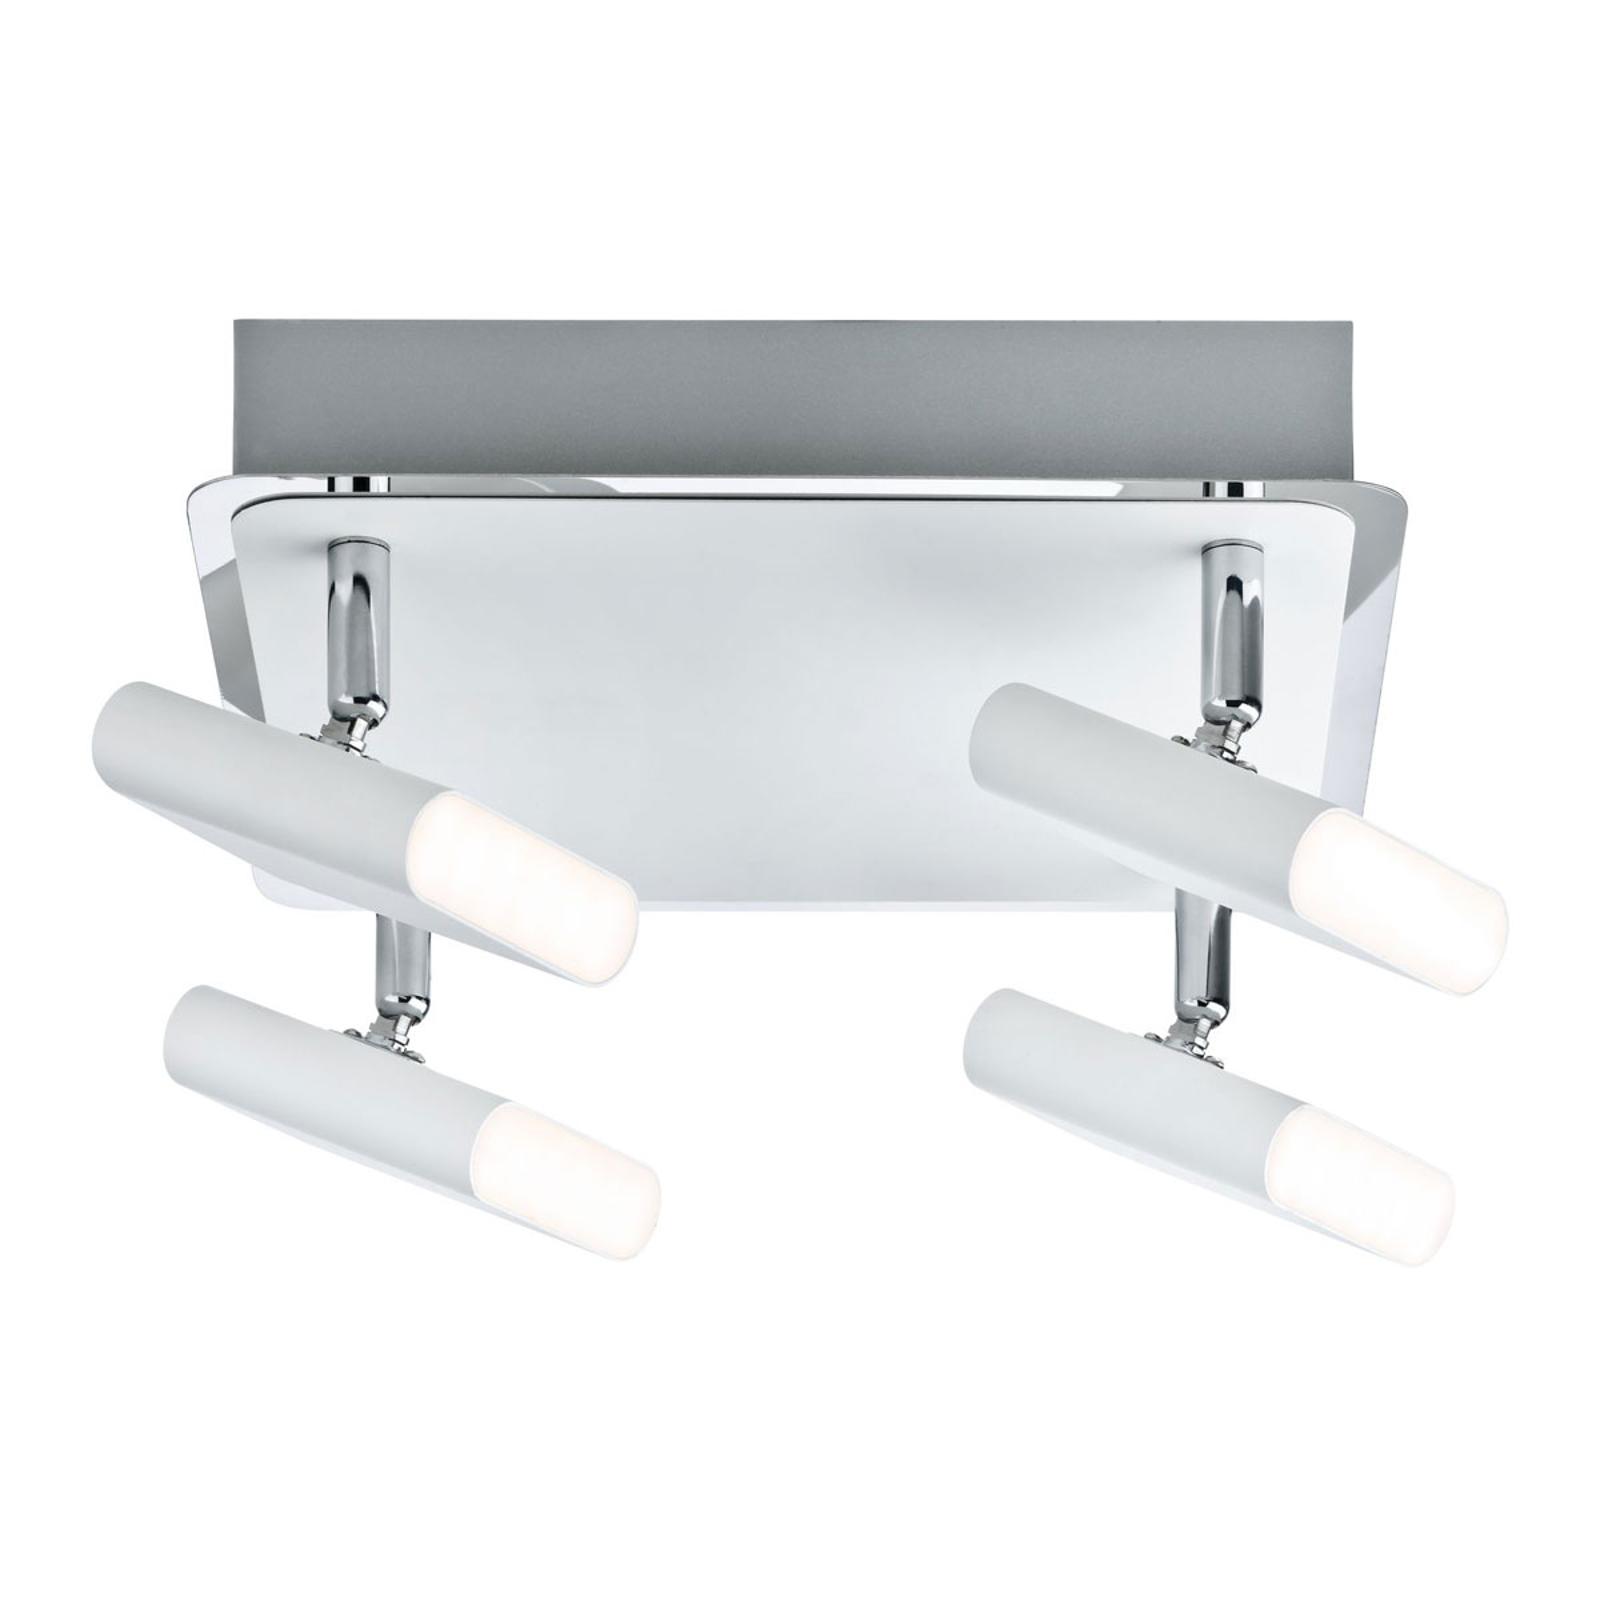 Paulmann Launcher LED-taklampe, 4 lyskilder